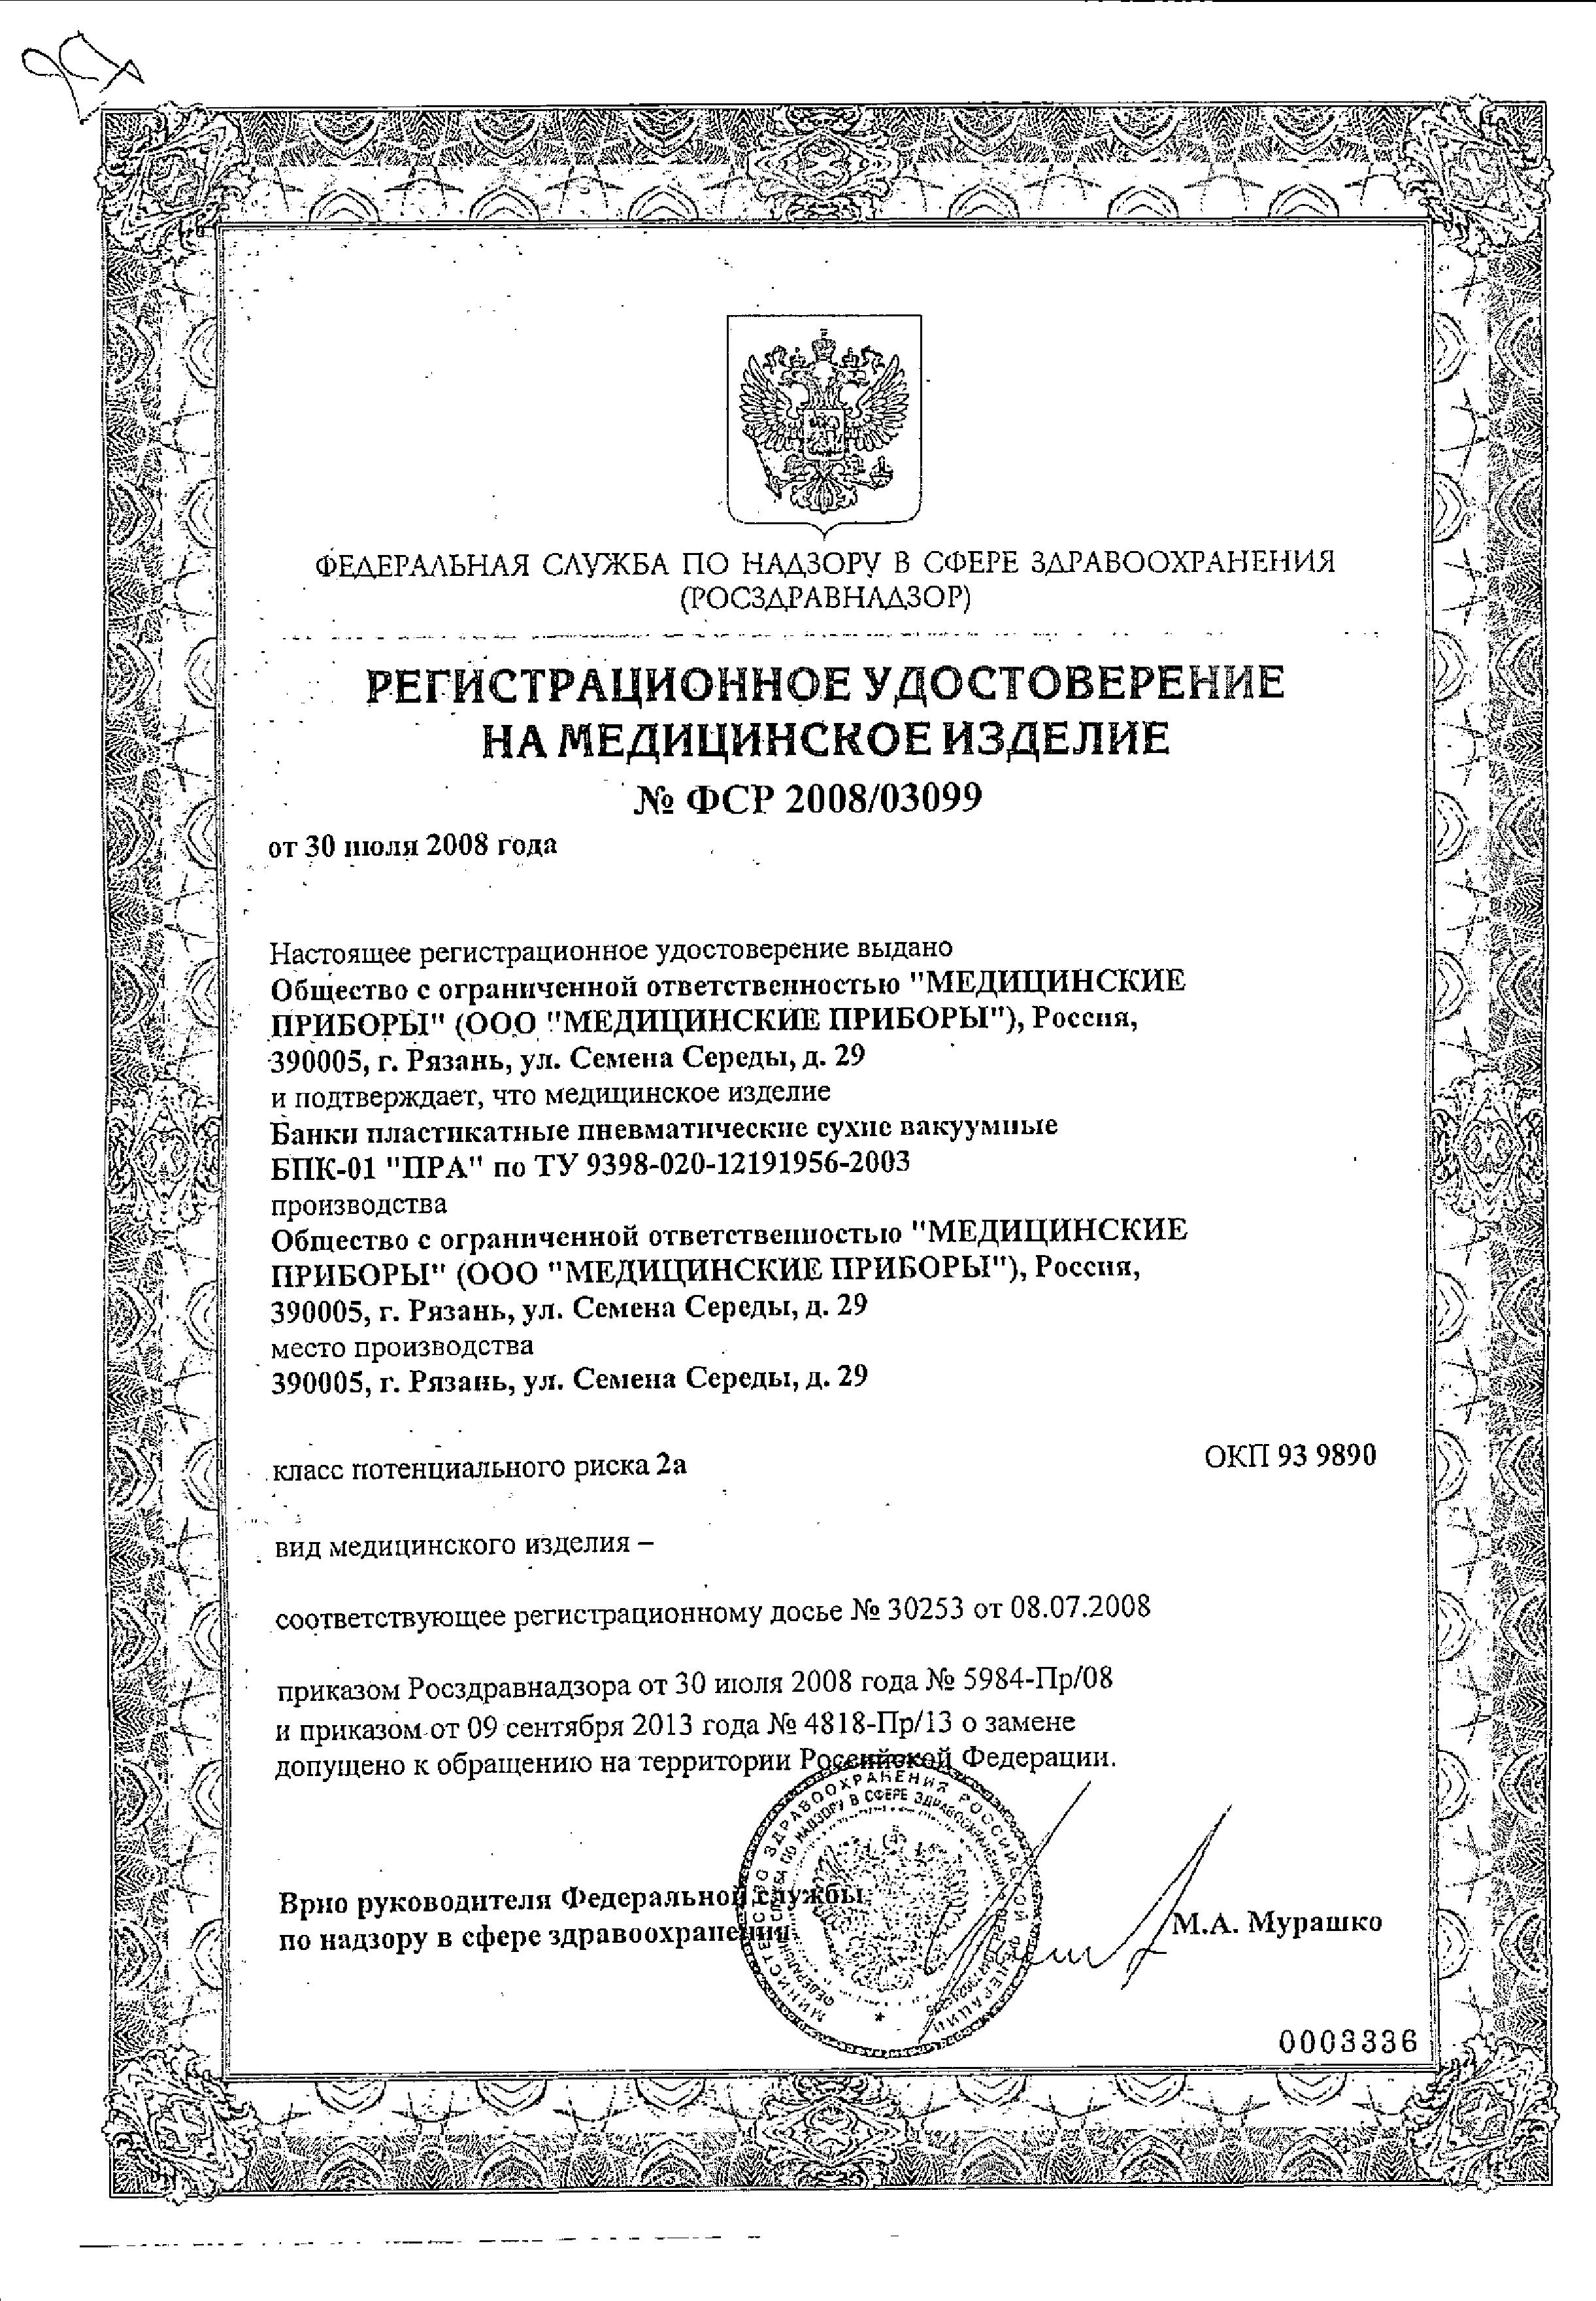 Банки пластикатные пневматические сухие вакуумные БПК-01 ПРА сертификат